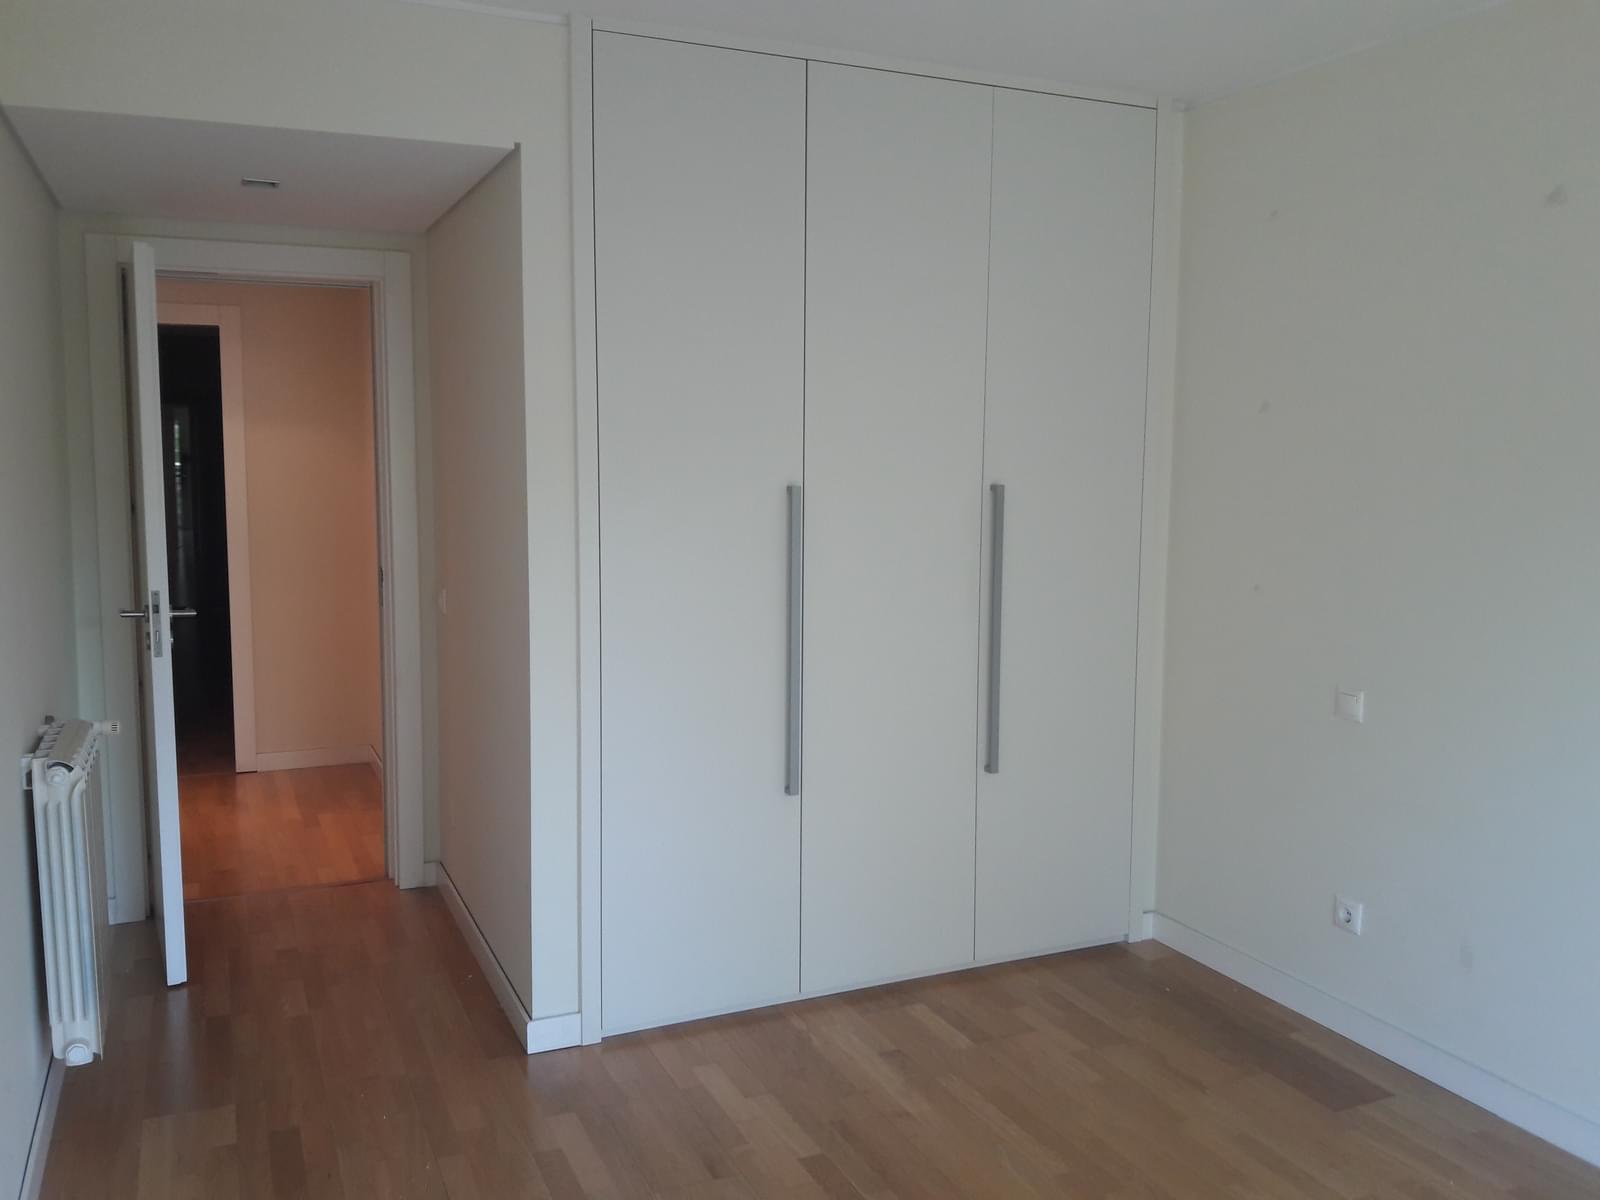 pf18143-apartamento-t3-cascais-52421da4-4c72-409c-b93c-7354f6442800